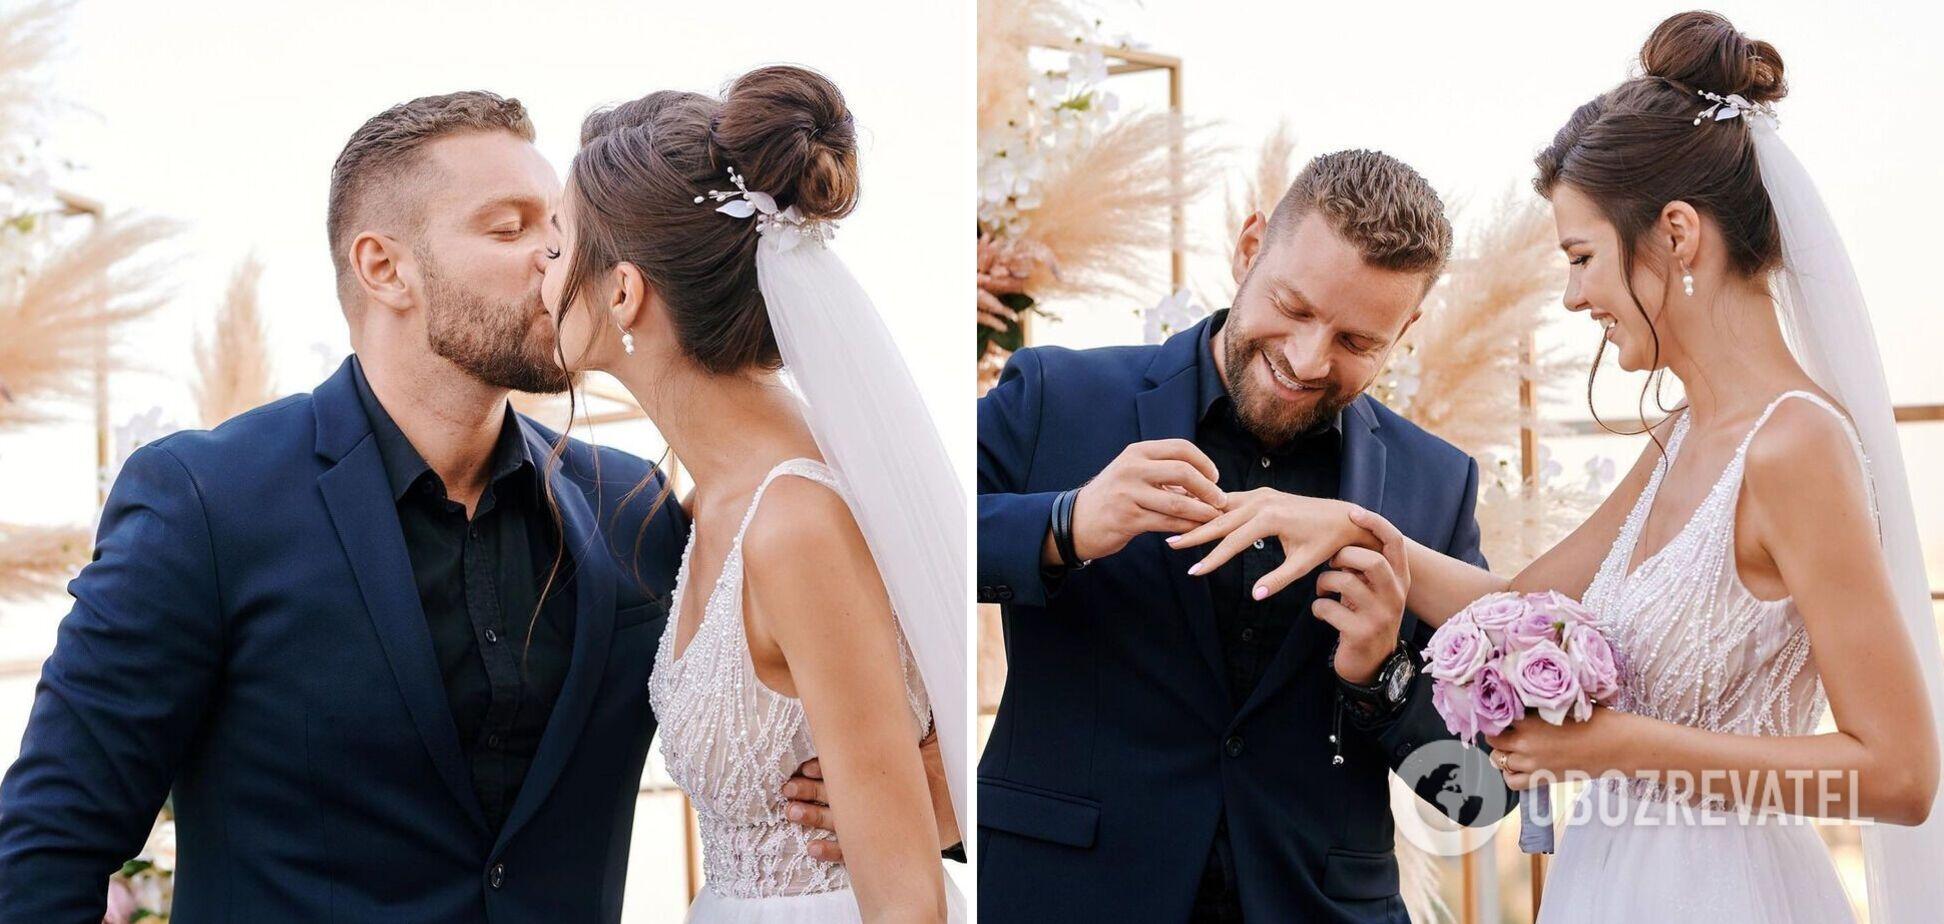 'Найкрасивіший чоловік планети' відповів на звинувачення після рекламного весілля з фіналісткою 'Холостяка'